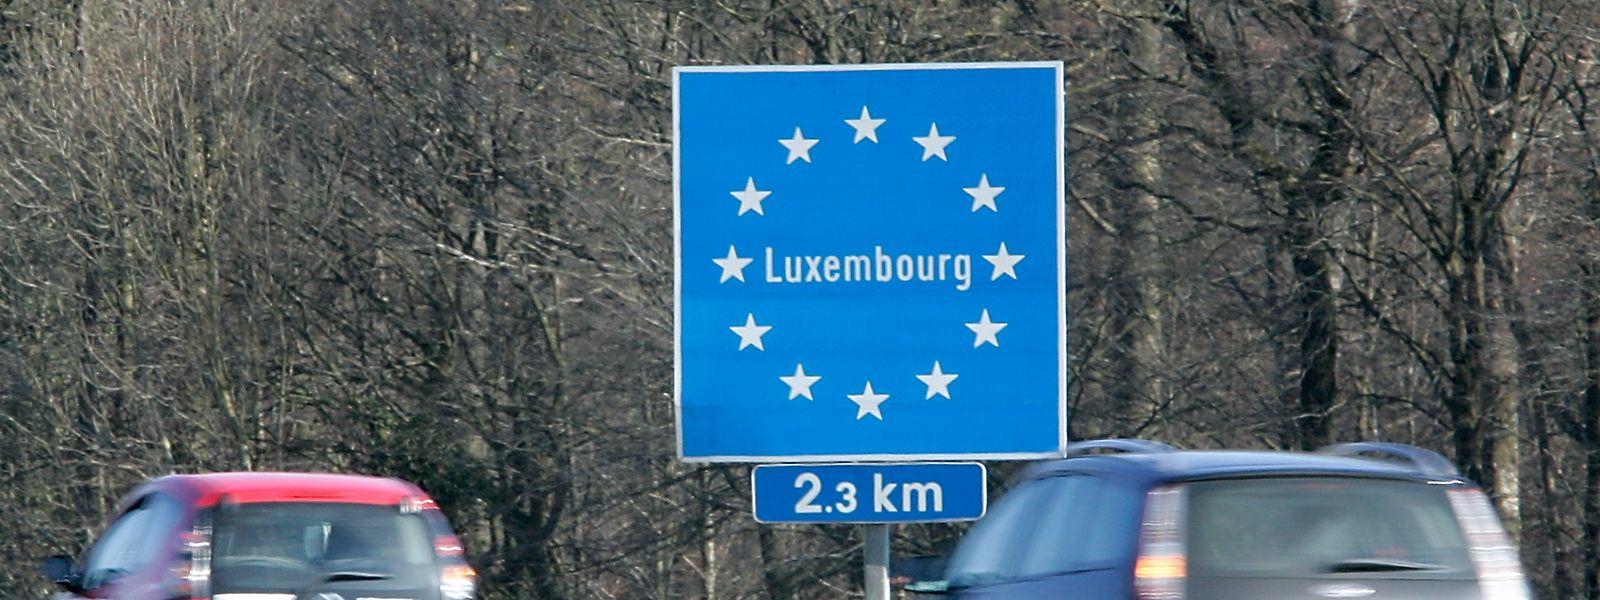 Aktuell arbeiten etwa 50.000 deutsche Pendler im Großherzogtum.